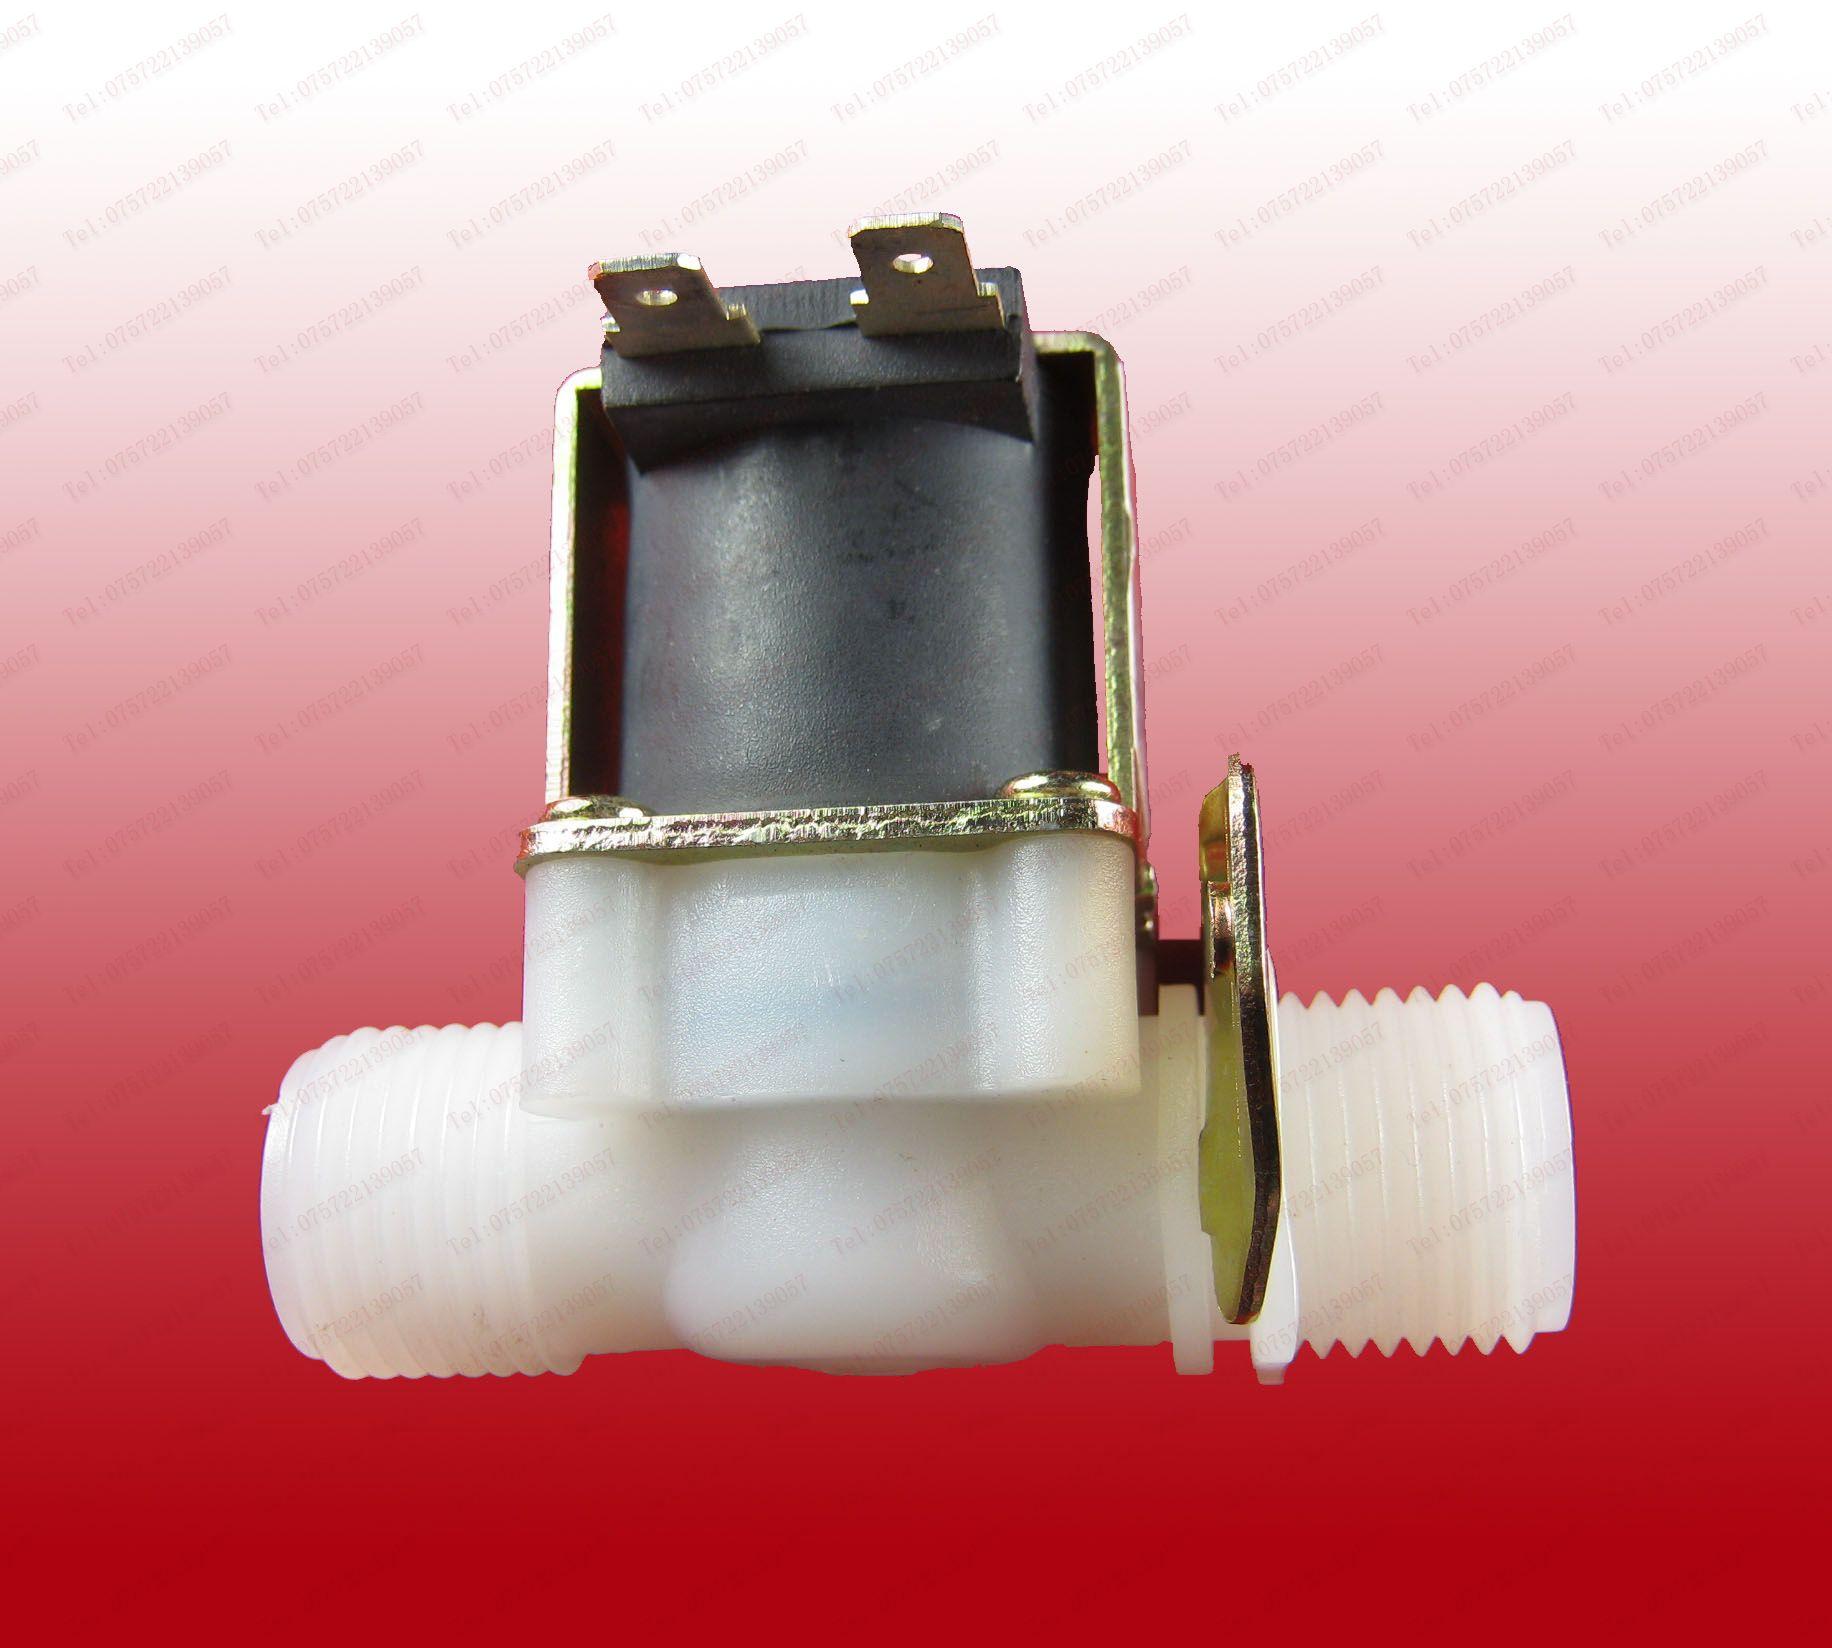 4分电磁阀水阀 微型电磁阀 洗衣机电磁阀 dc12v电磁阀气阀商品图片图片